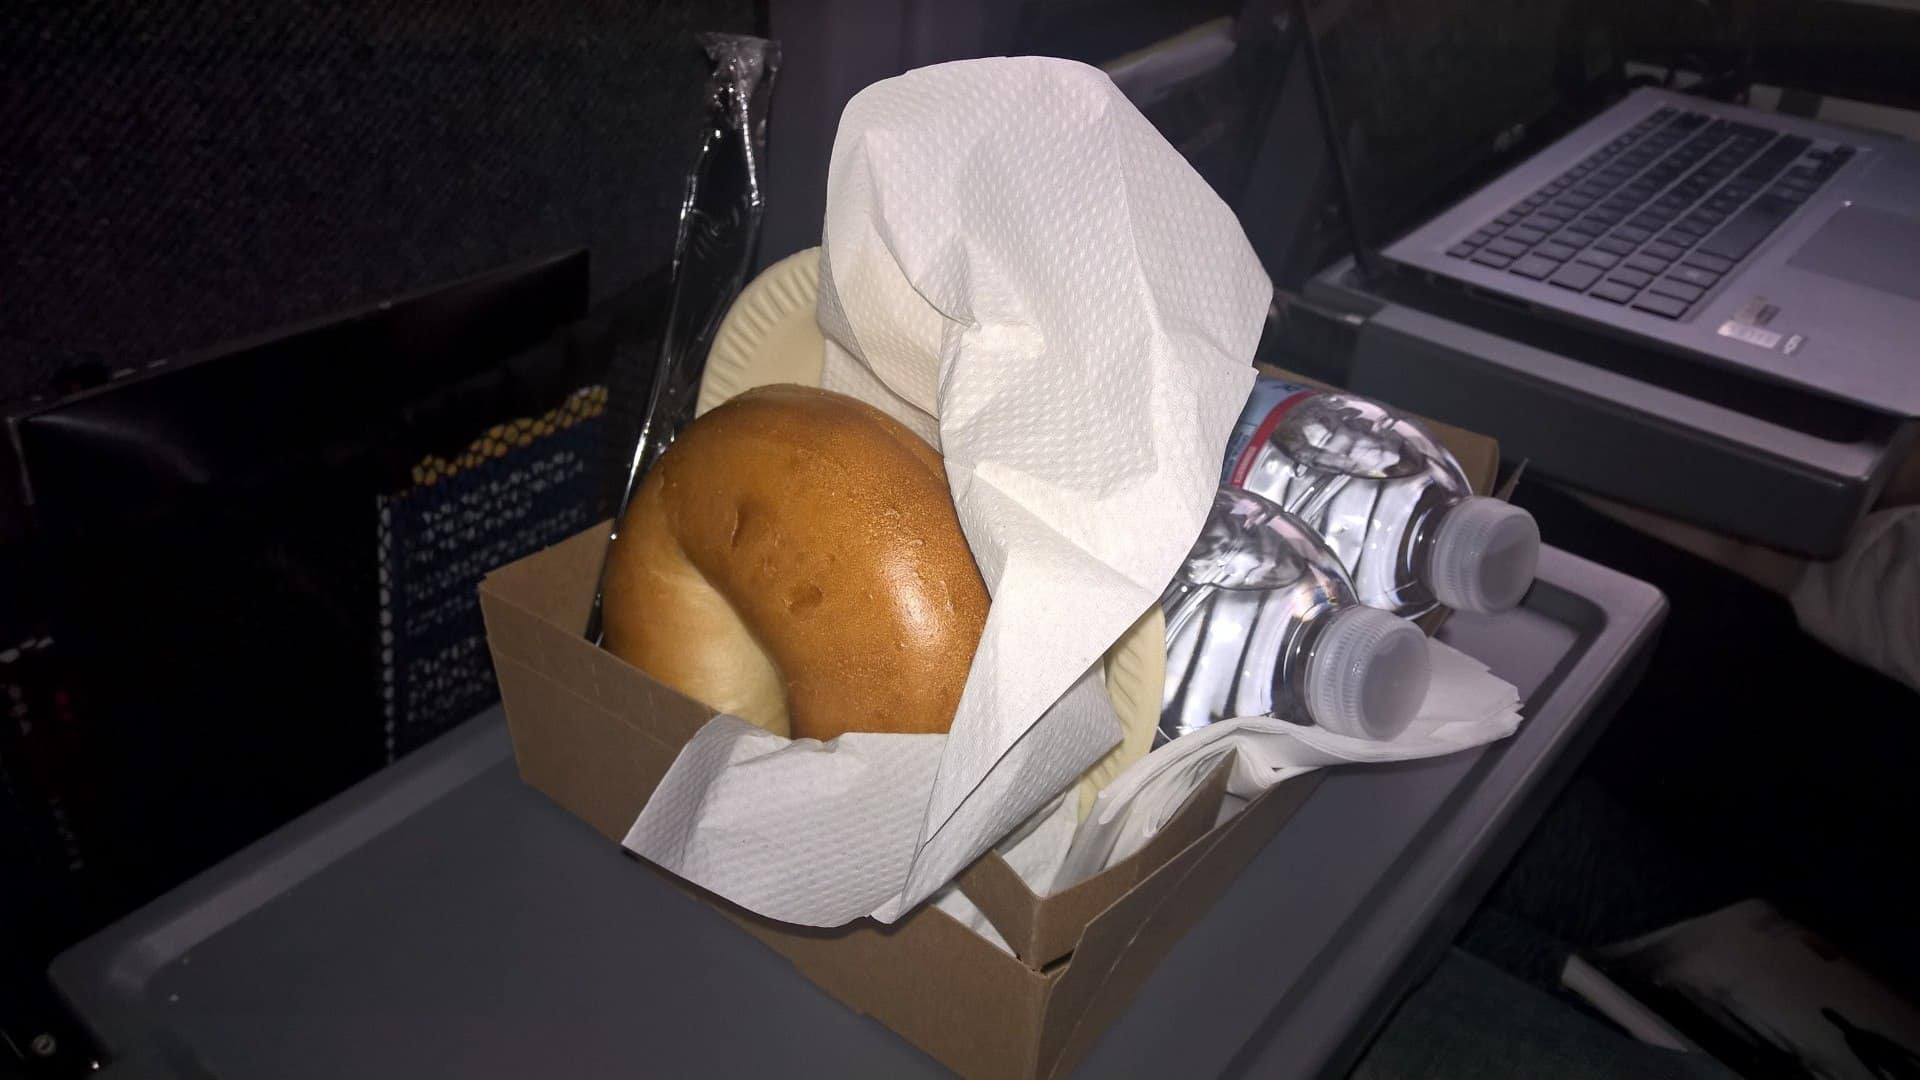 food in car